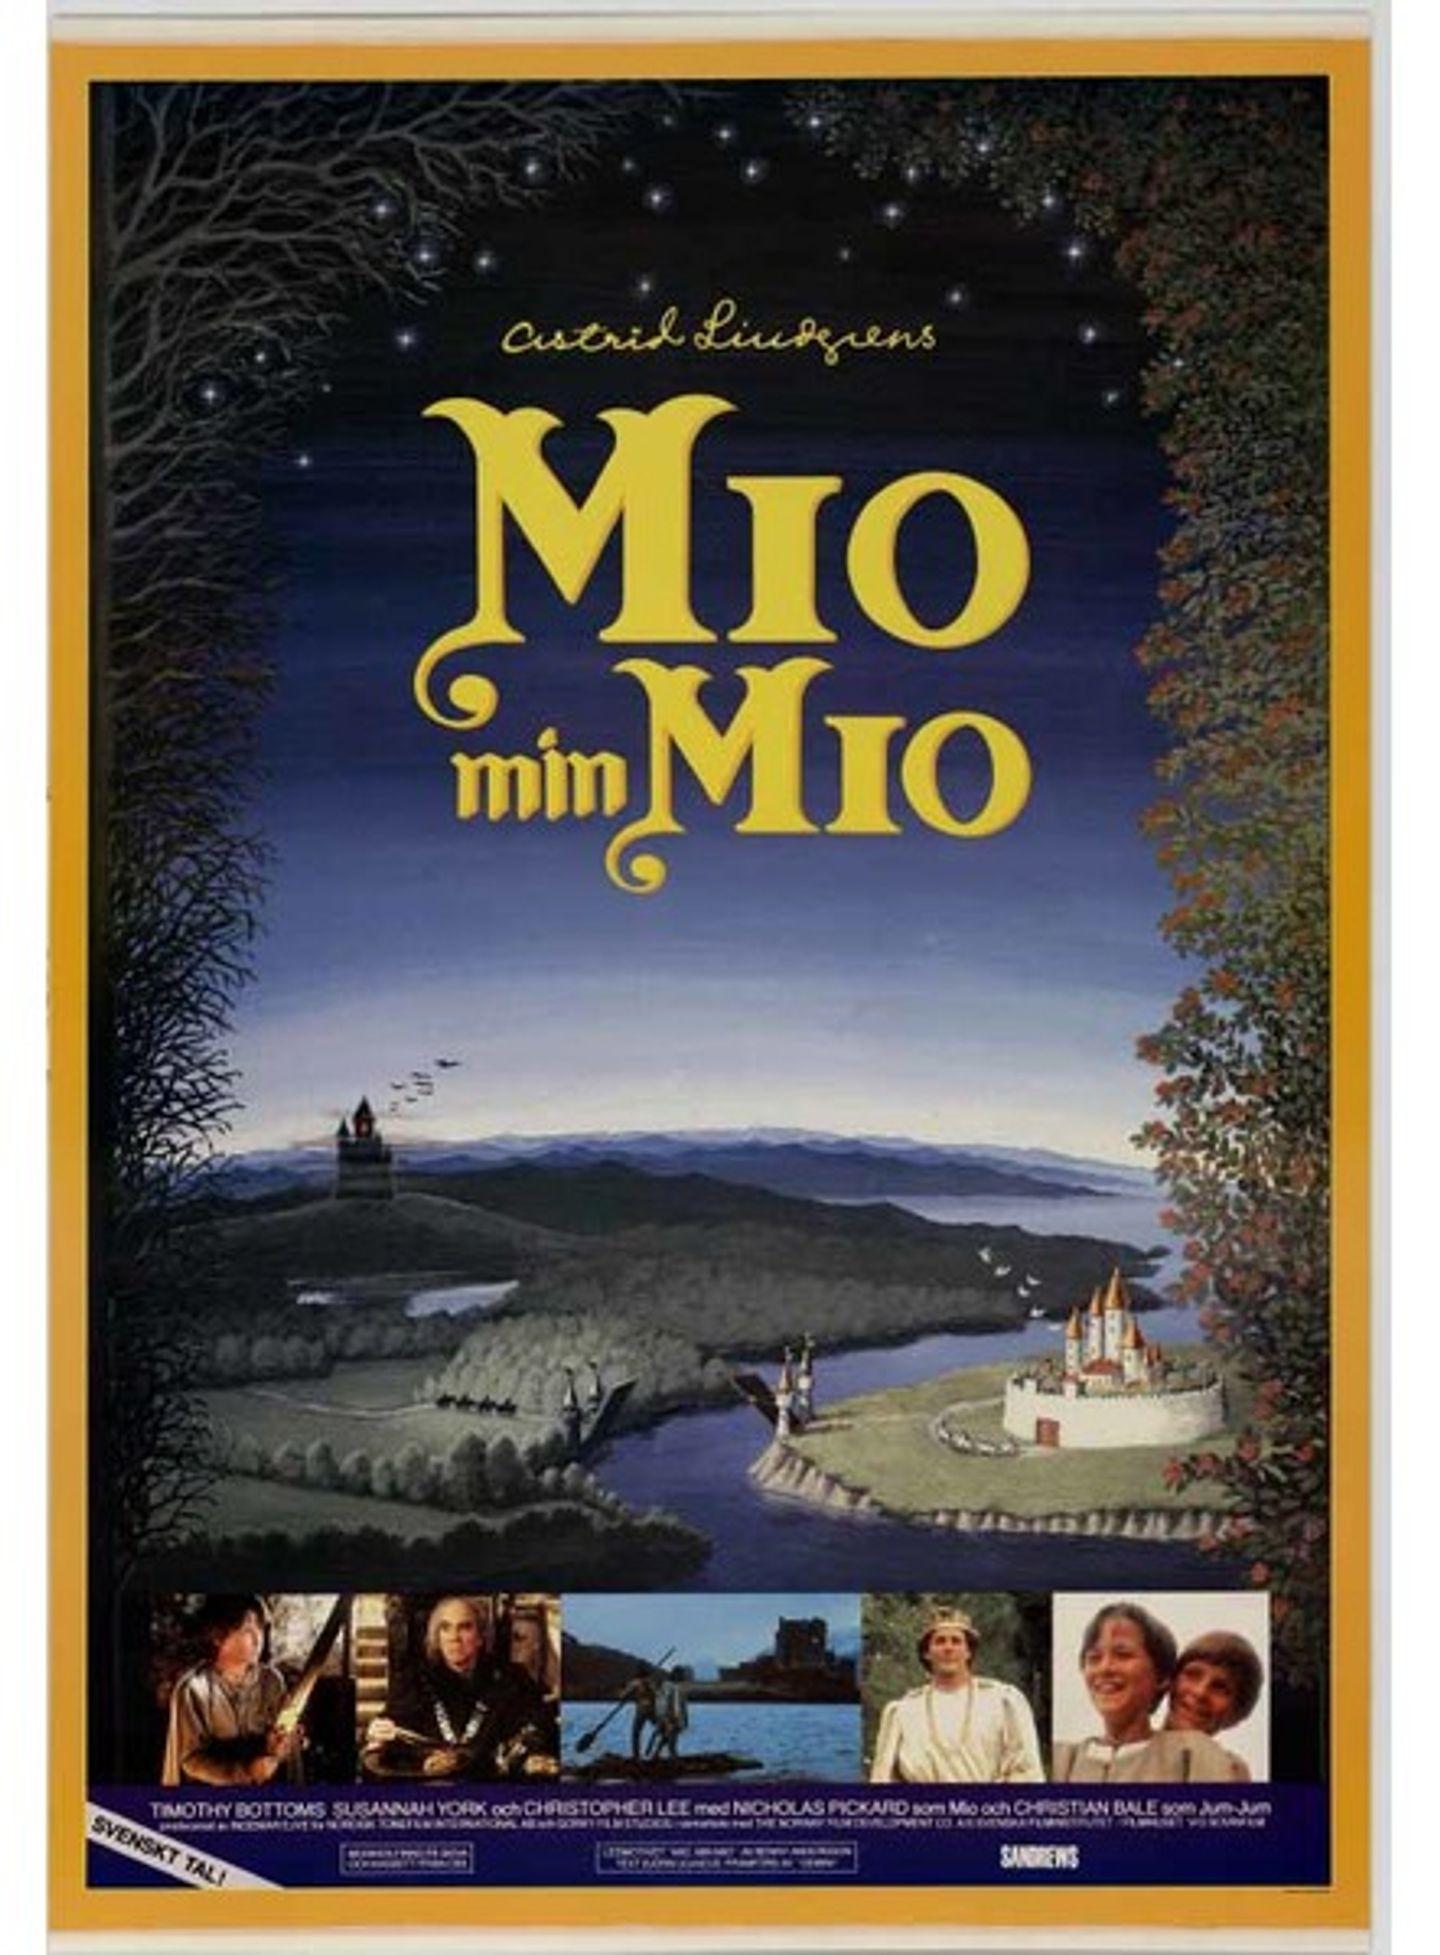 Mio, min Mio film poster